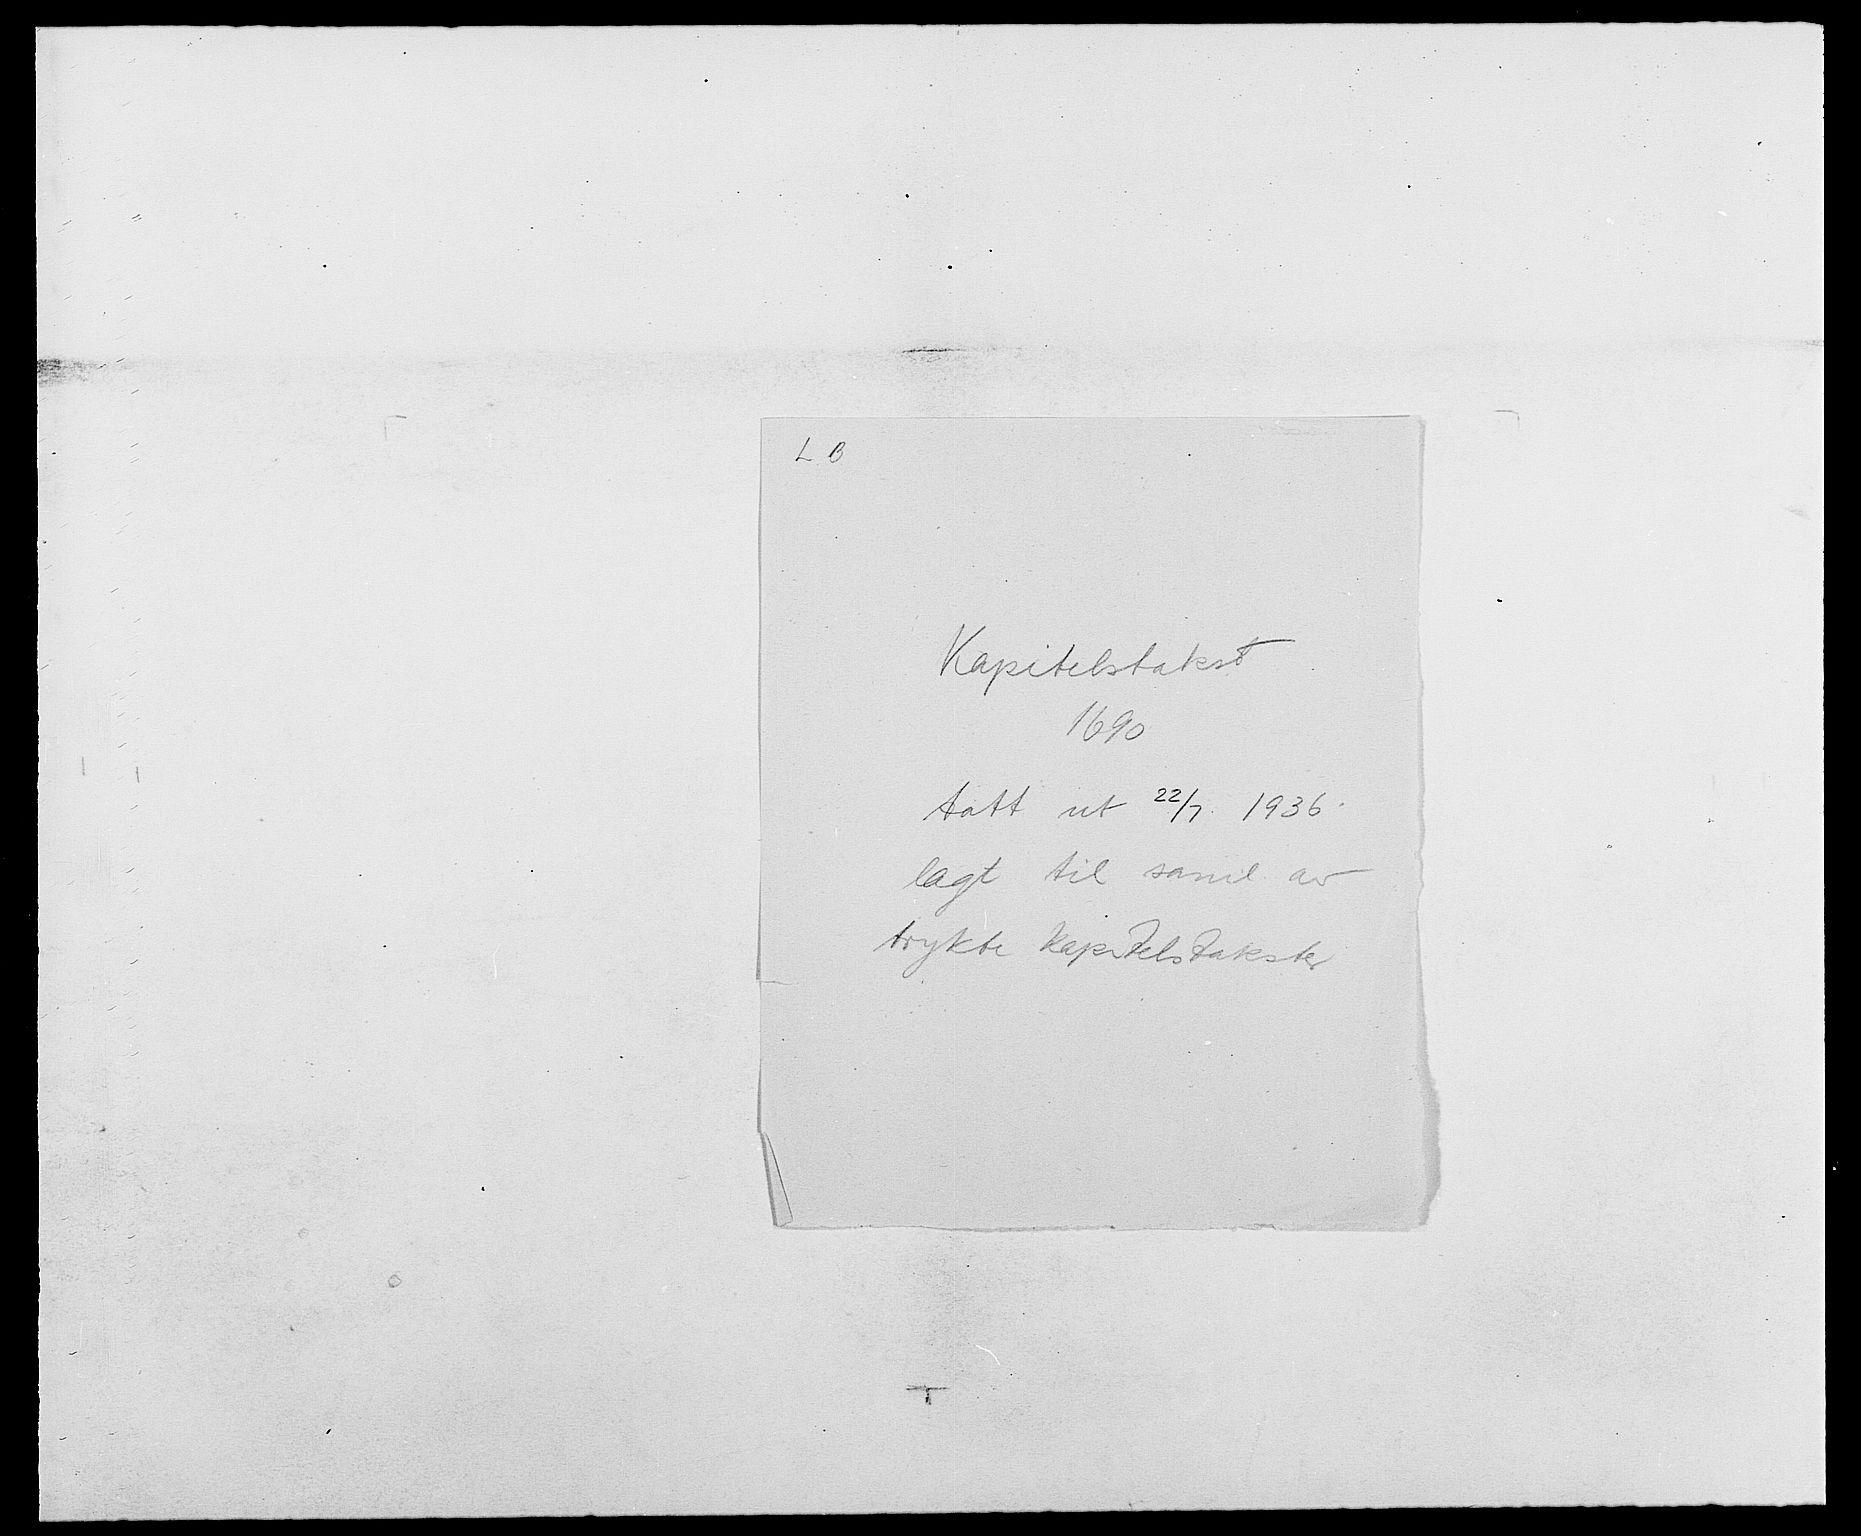 RA, Rentekammeret inntil 1814, Reviderte regnskaper, Fogderegnskap, R01/L0010: Fogderegnskap Idd og Marker, 1690-1691, p. 184